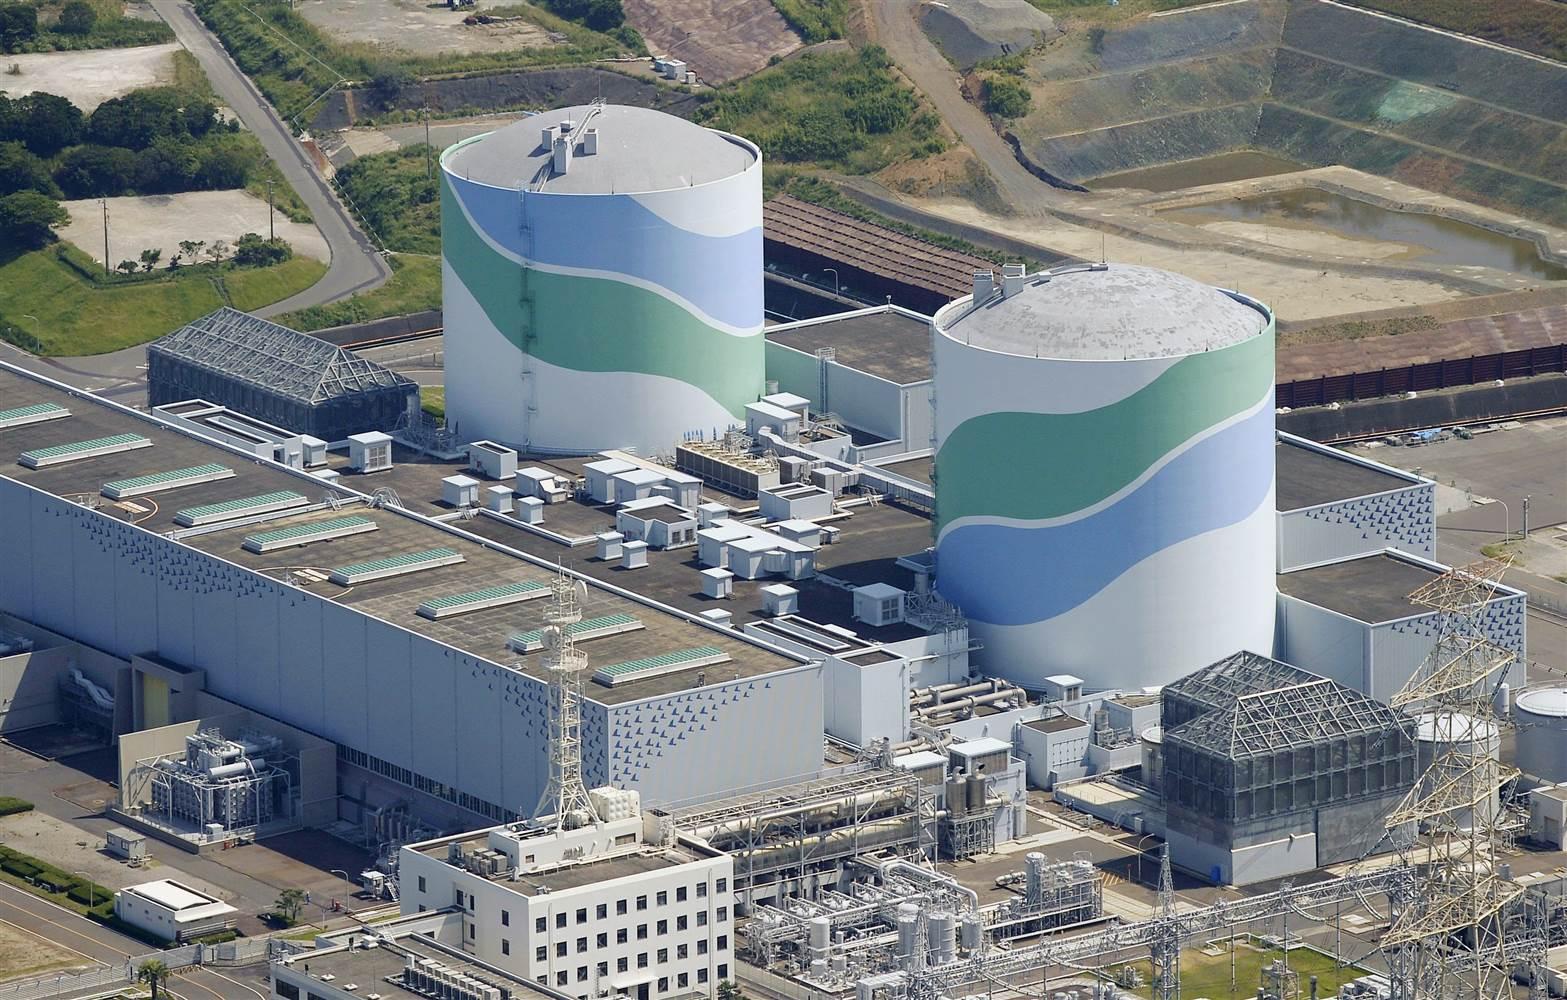 jaderná energie - První blok JE Sendai obnovuje po plánované odstávce provoz - Ve světě (150811 sendai power plant jpo 336a 8f3e8a62970a0e116c7ec9def419fa8f nbcnews ux 2880 1000) 1